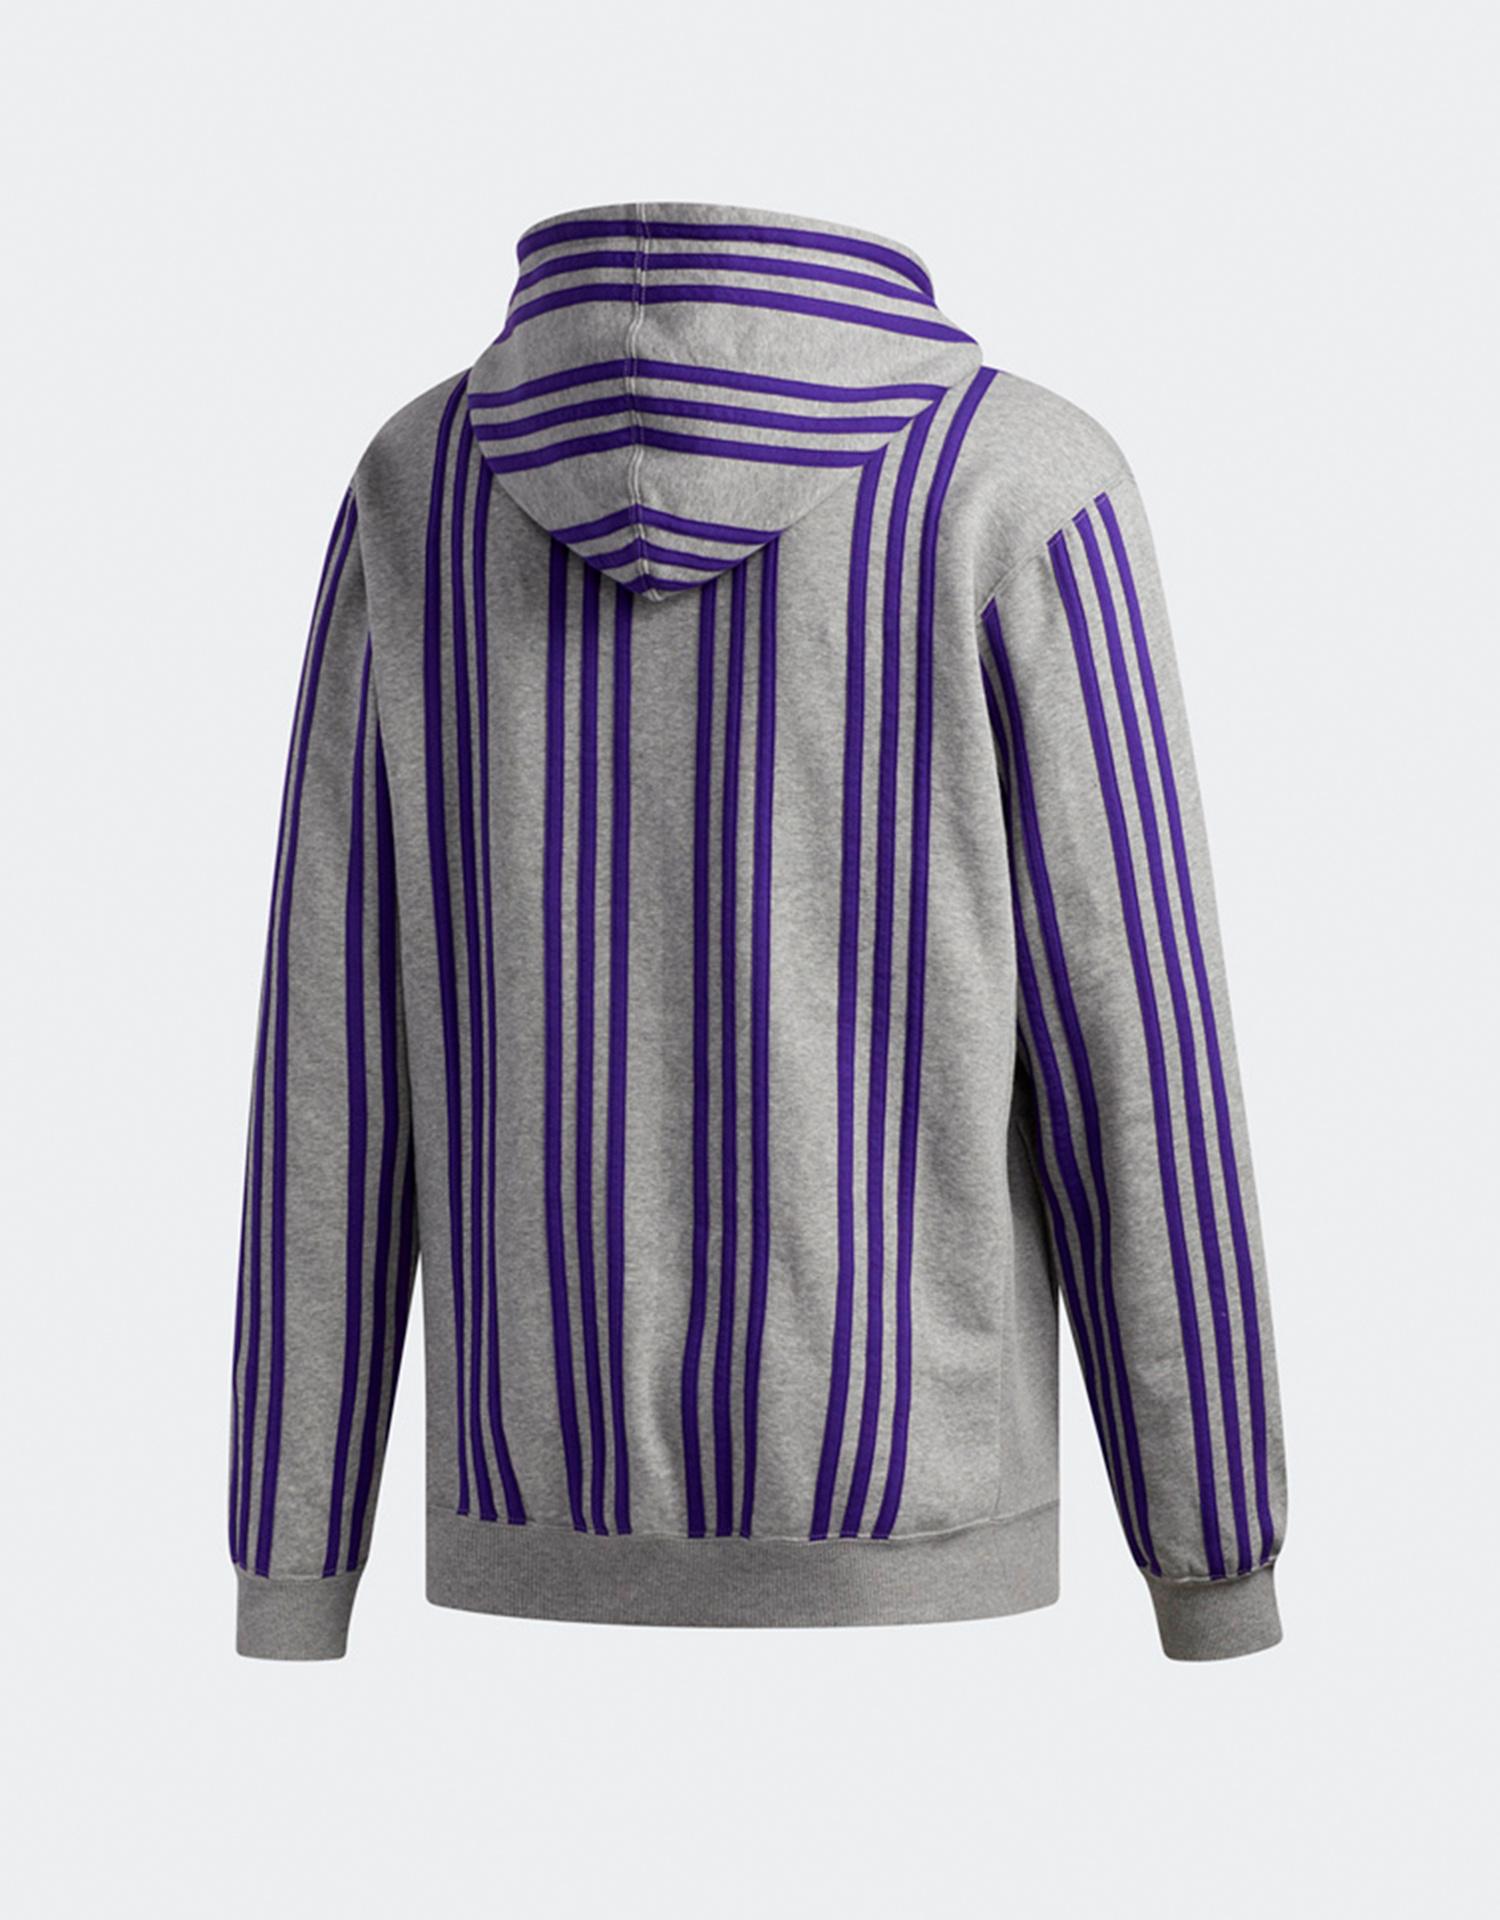 Adidas X Hardies hoodie corhtr/cpurpl